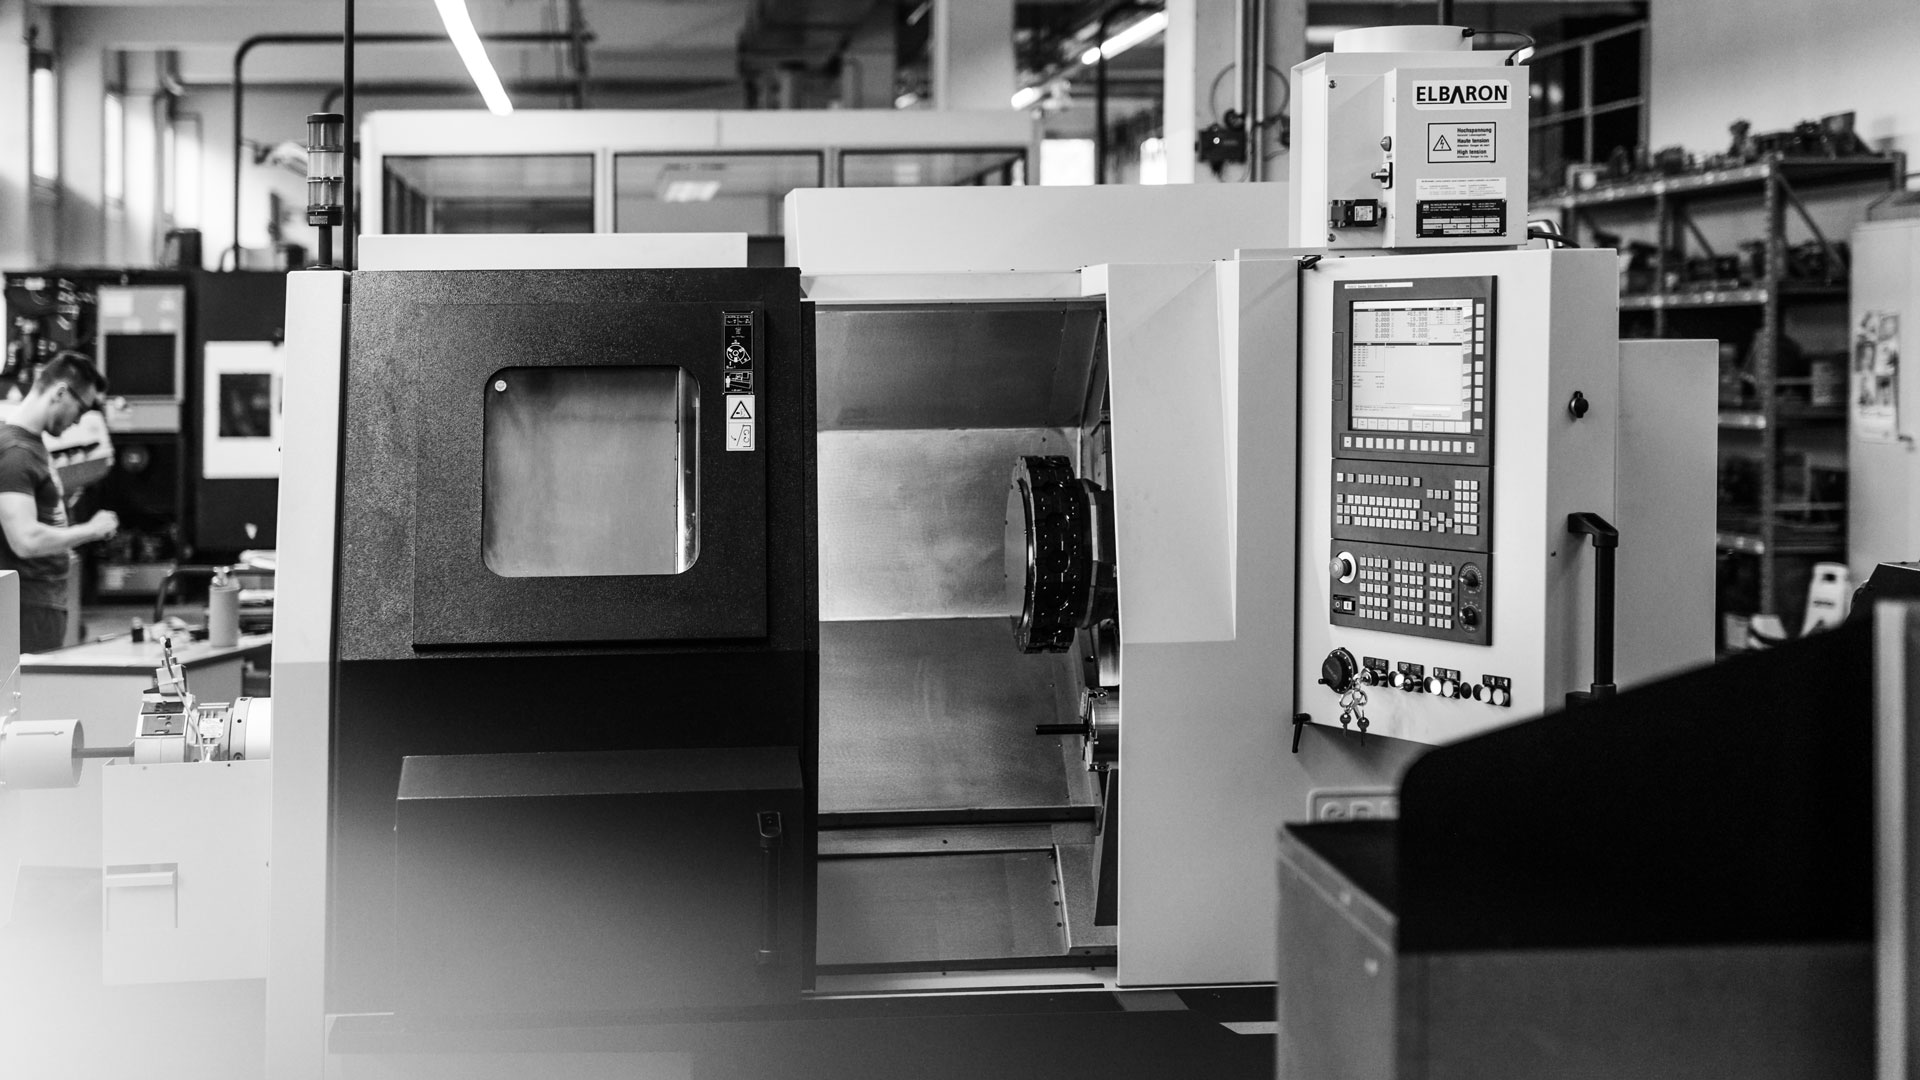 Einblick in die Produktionsstätte / Maschine